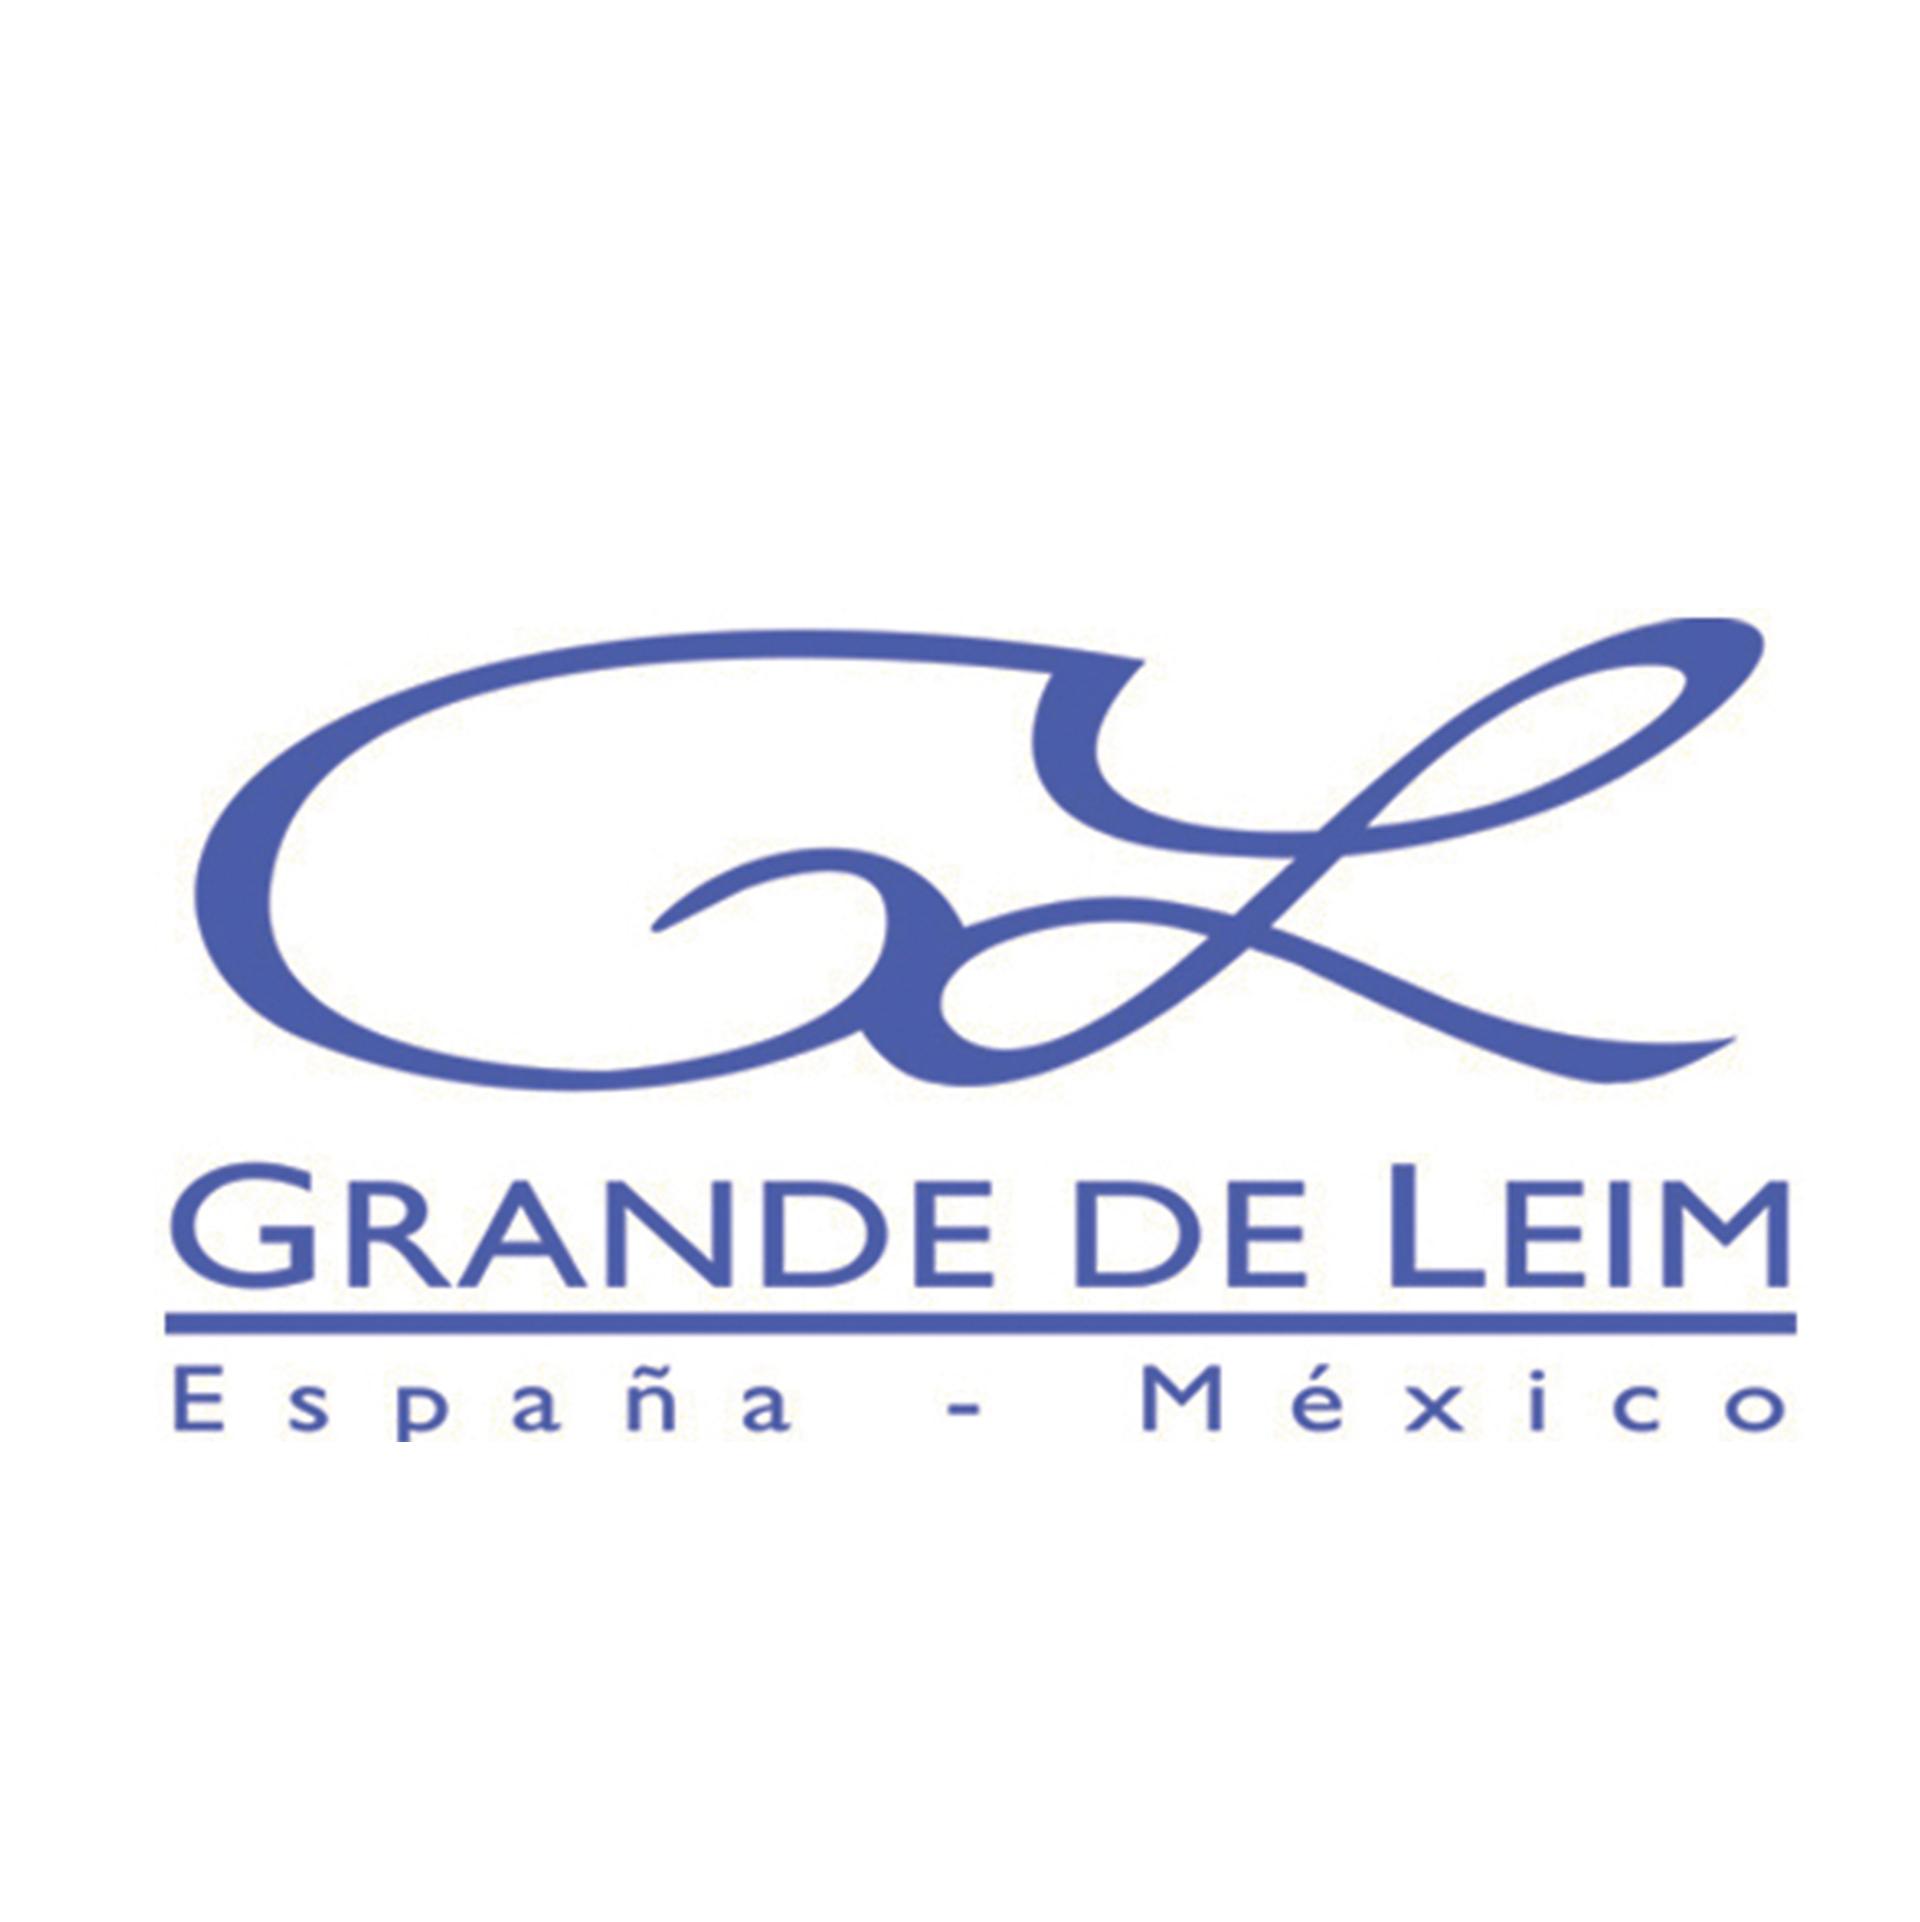 GRANDE DE LEIM